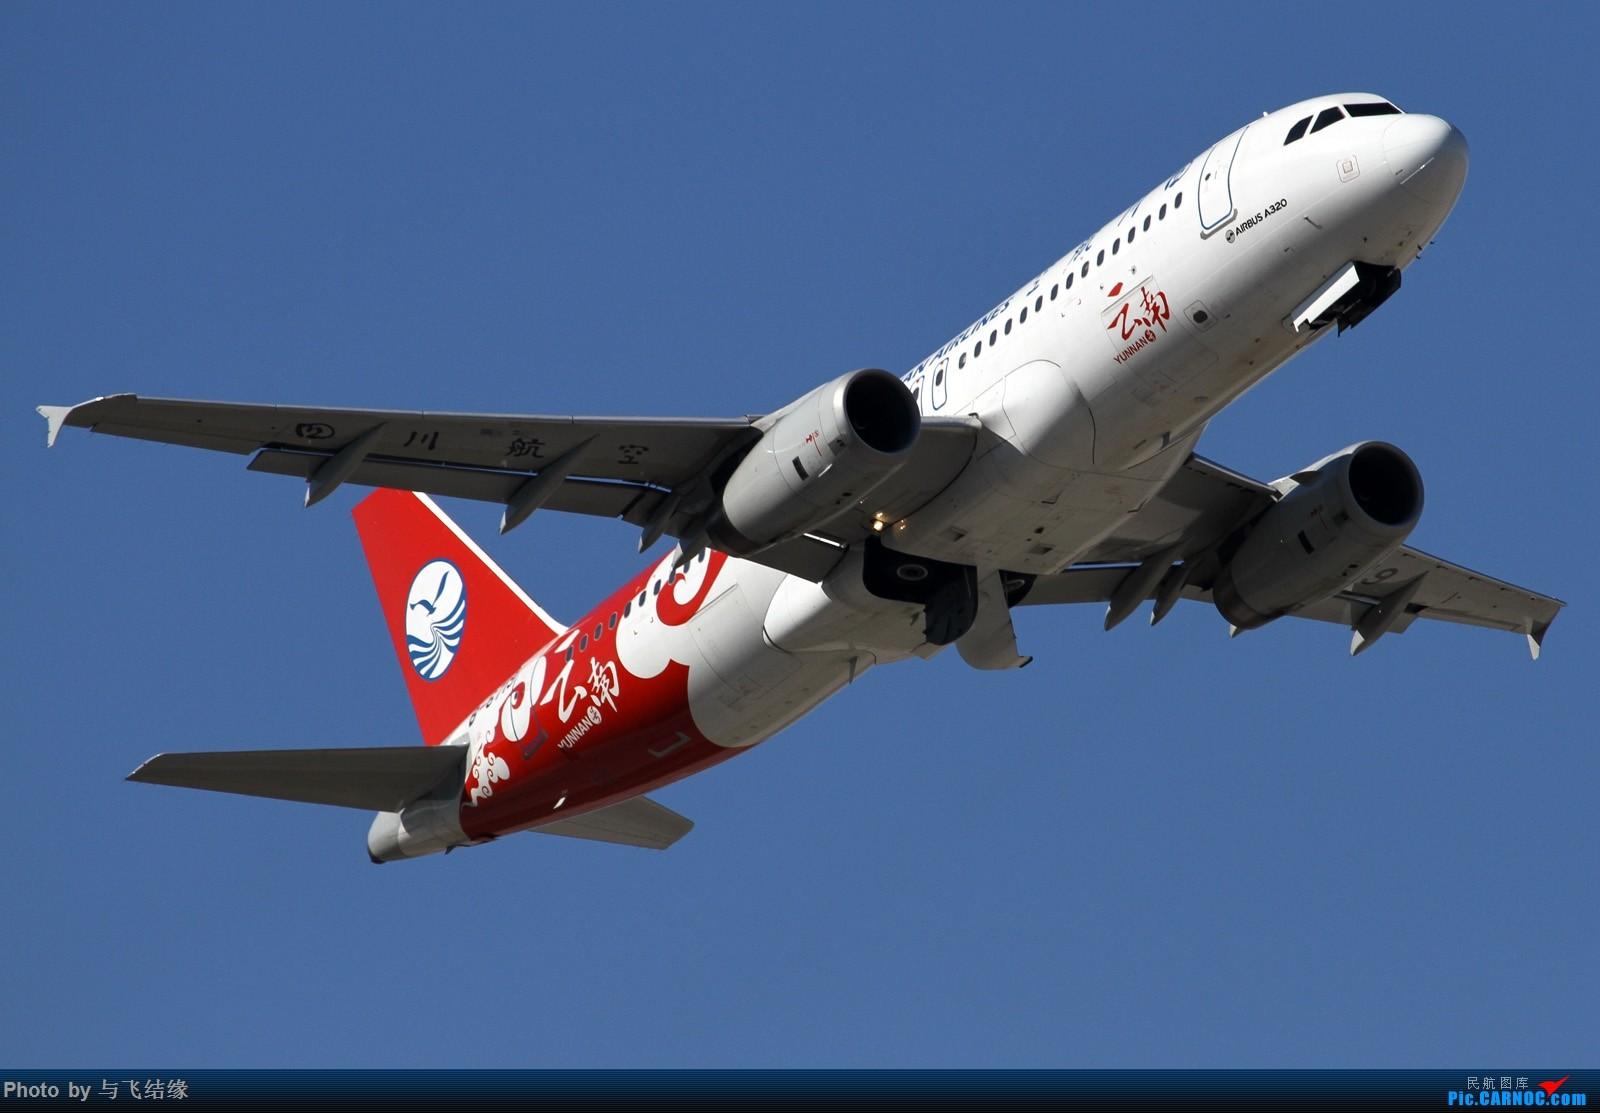 """Re:[原创]四川航空Airbus A320-200""""云南""""号彩绘机起飞姿态四连拍! AIRBUS A320-200 B-6719 中国北京首都国际机场"""